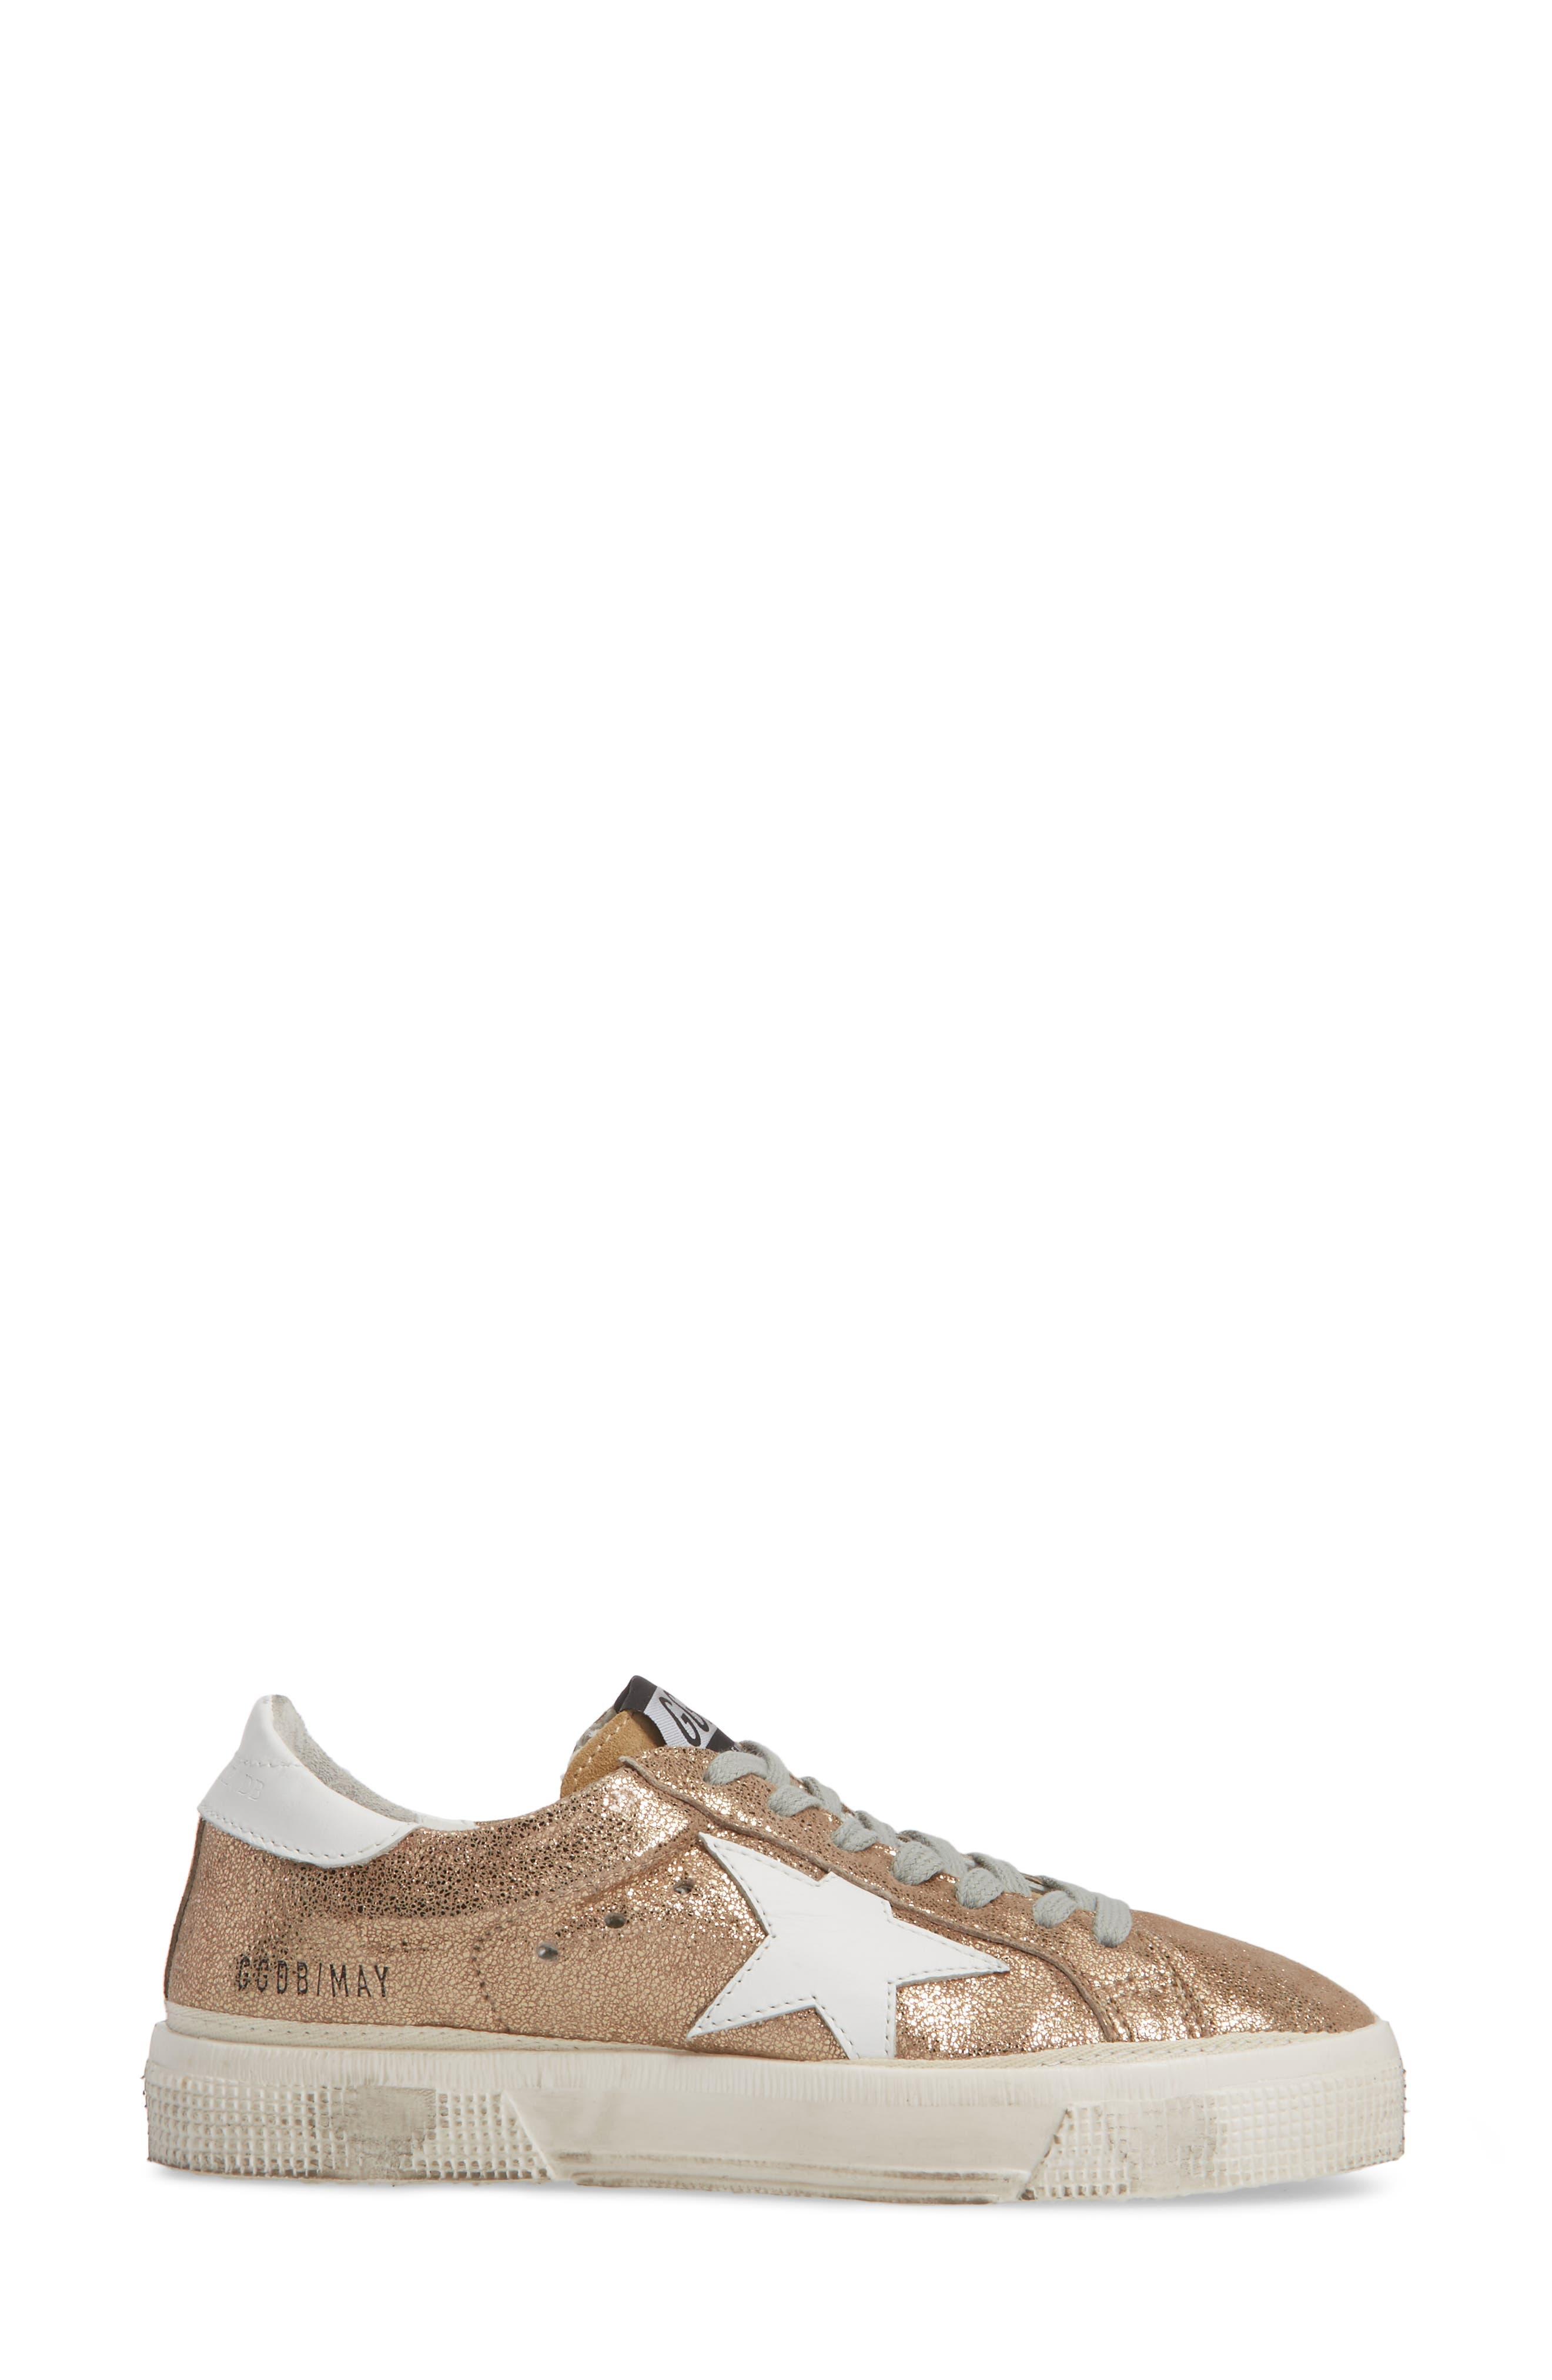 May Metallic Low Top Sneaker,                             Alternate thumbnail 3, color,                             710